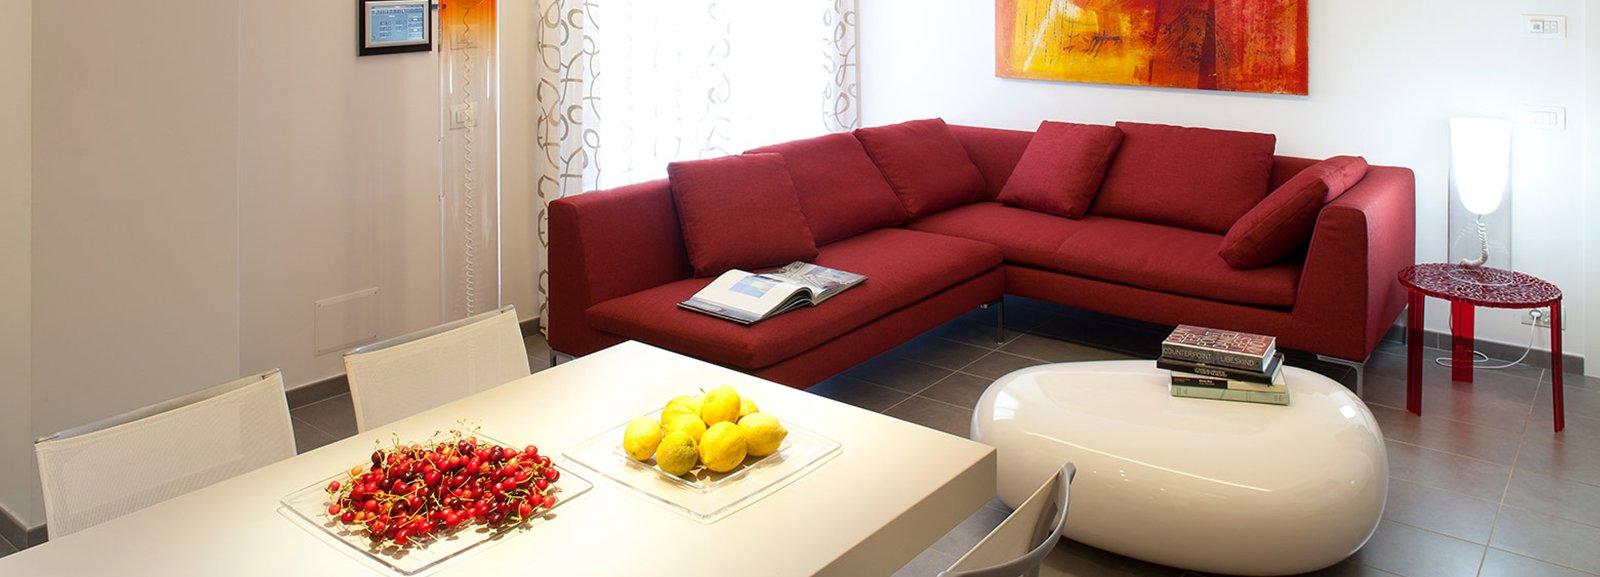 85 mq una casa per una famiglia giovane cose di casa - Documenti per affittare una casa ...